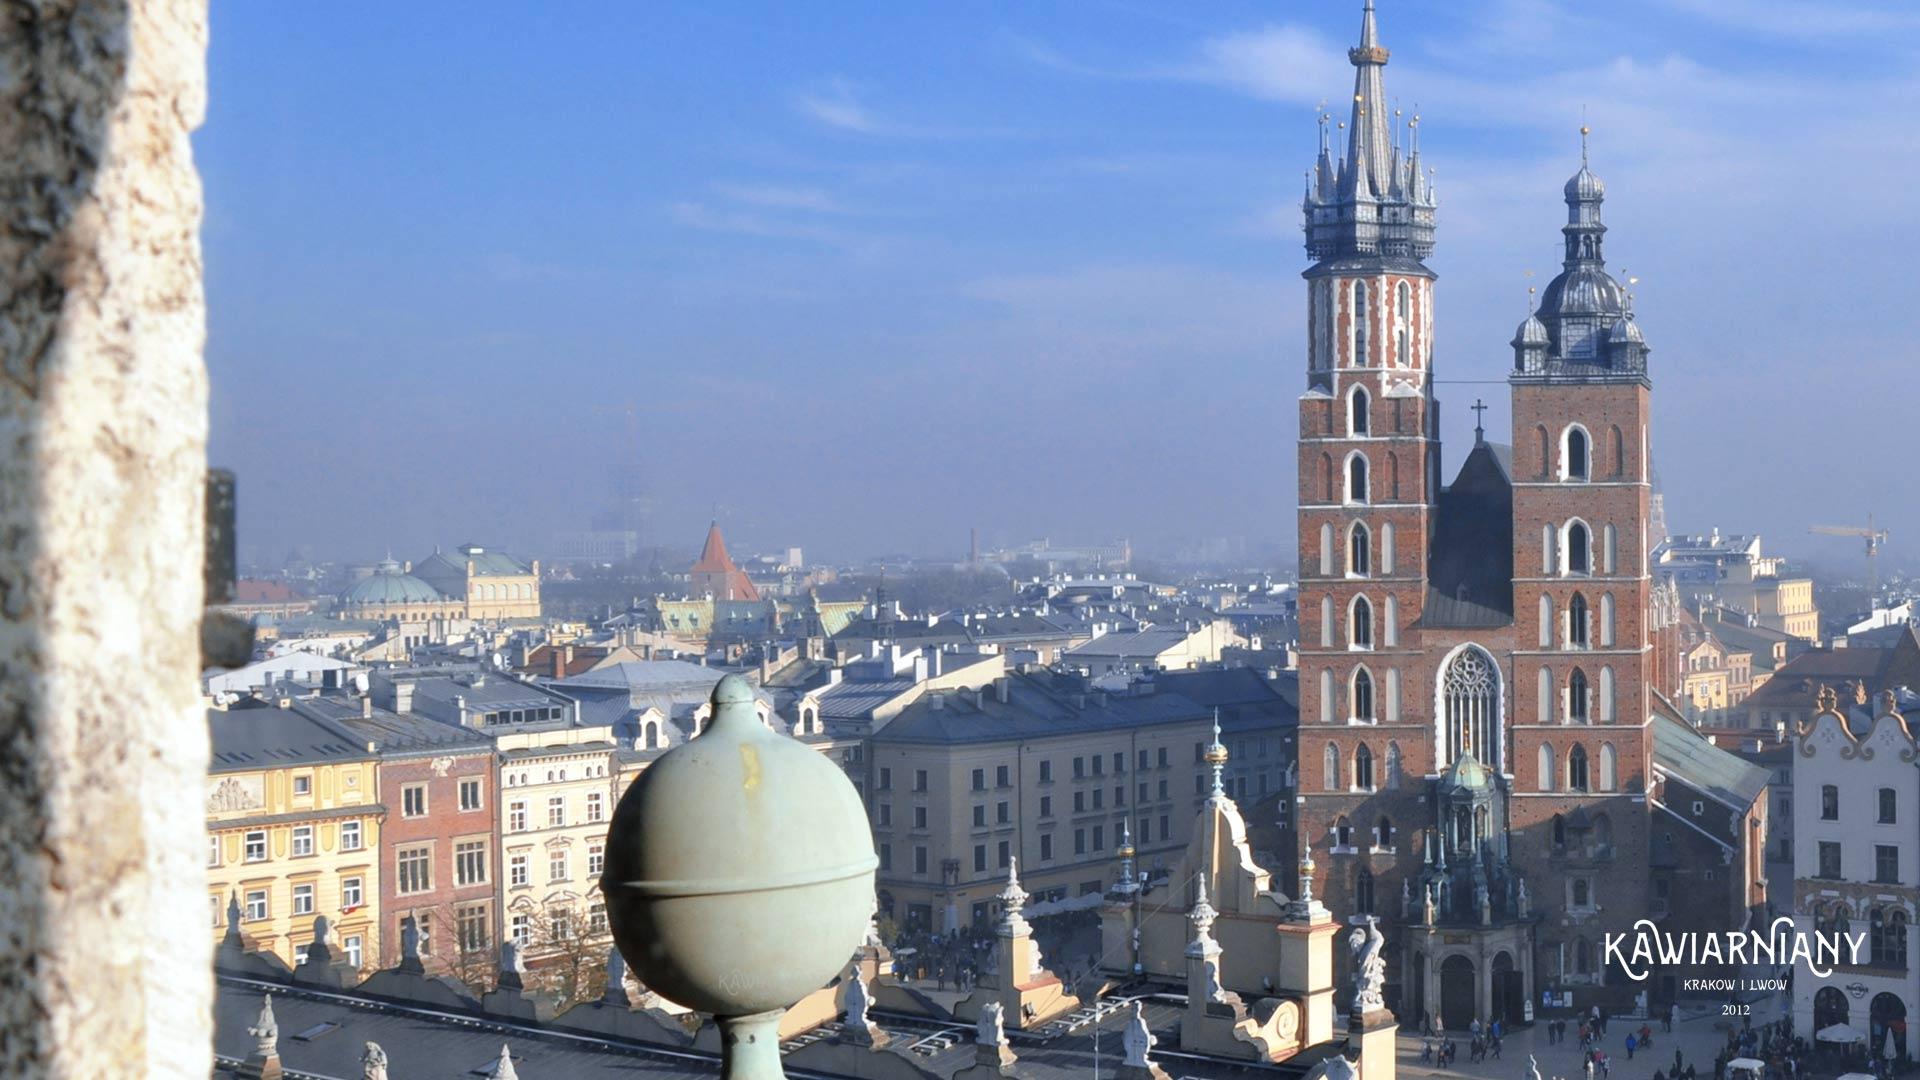 Kiedy najlepiej jechać do Krakowa? Wiosna, lato, jesień czy zima?